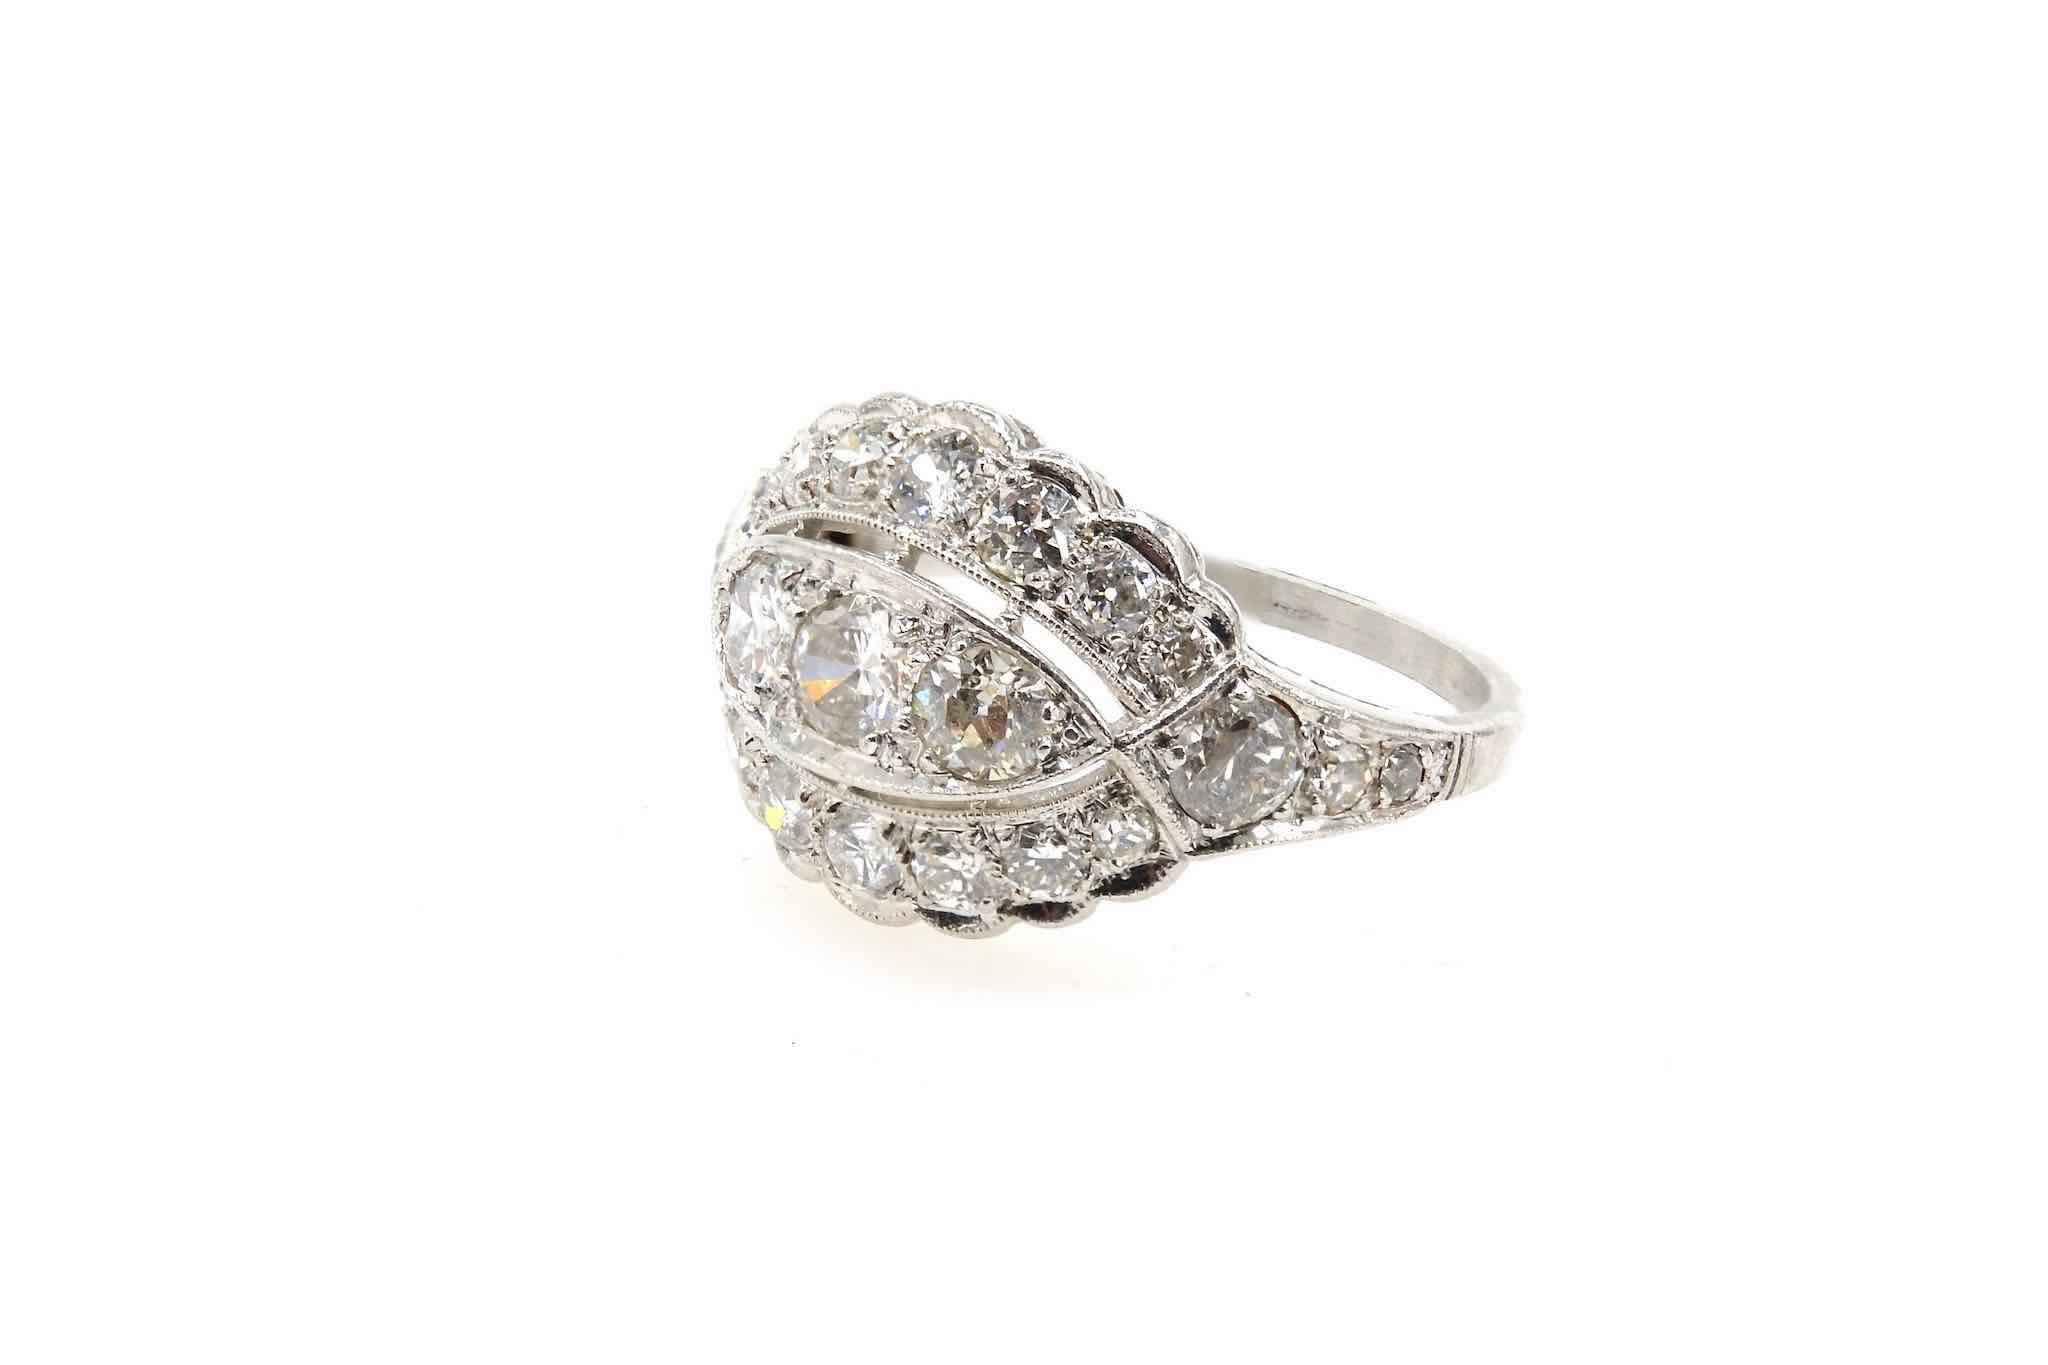 bague ancienne bandeau sertie de diamants